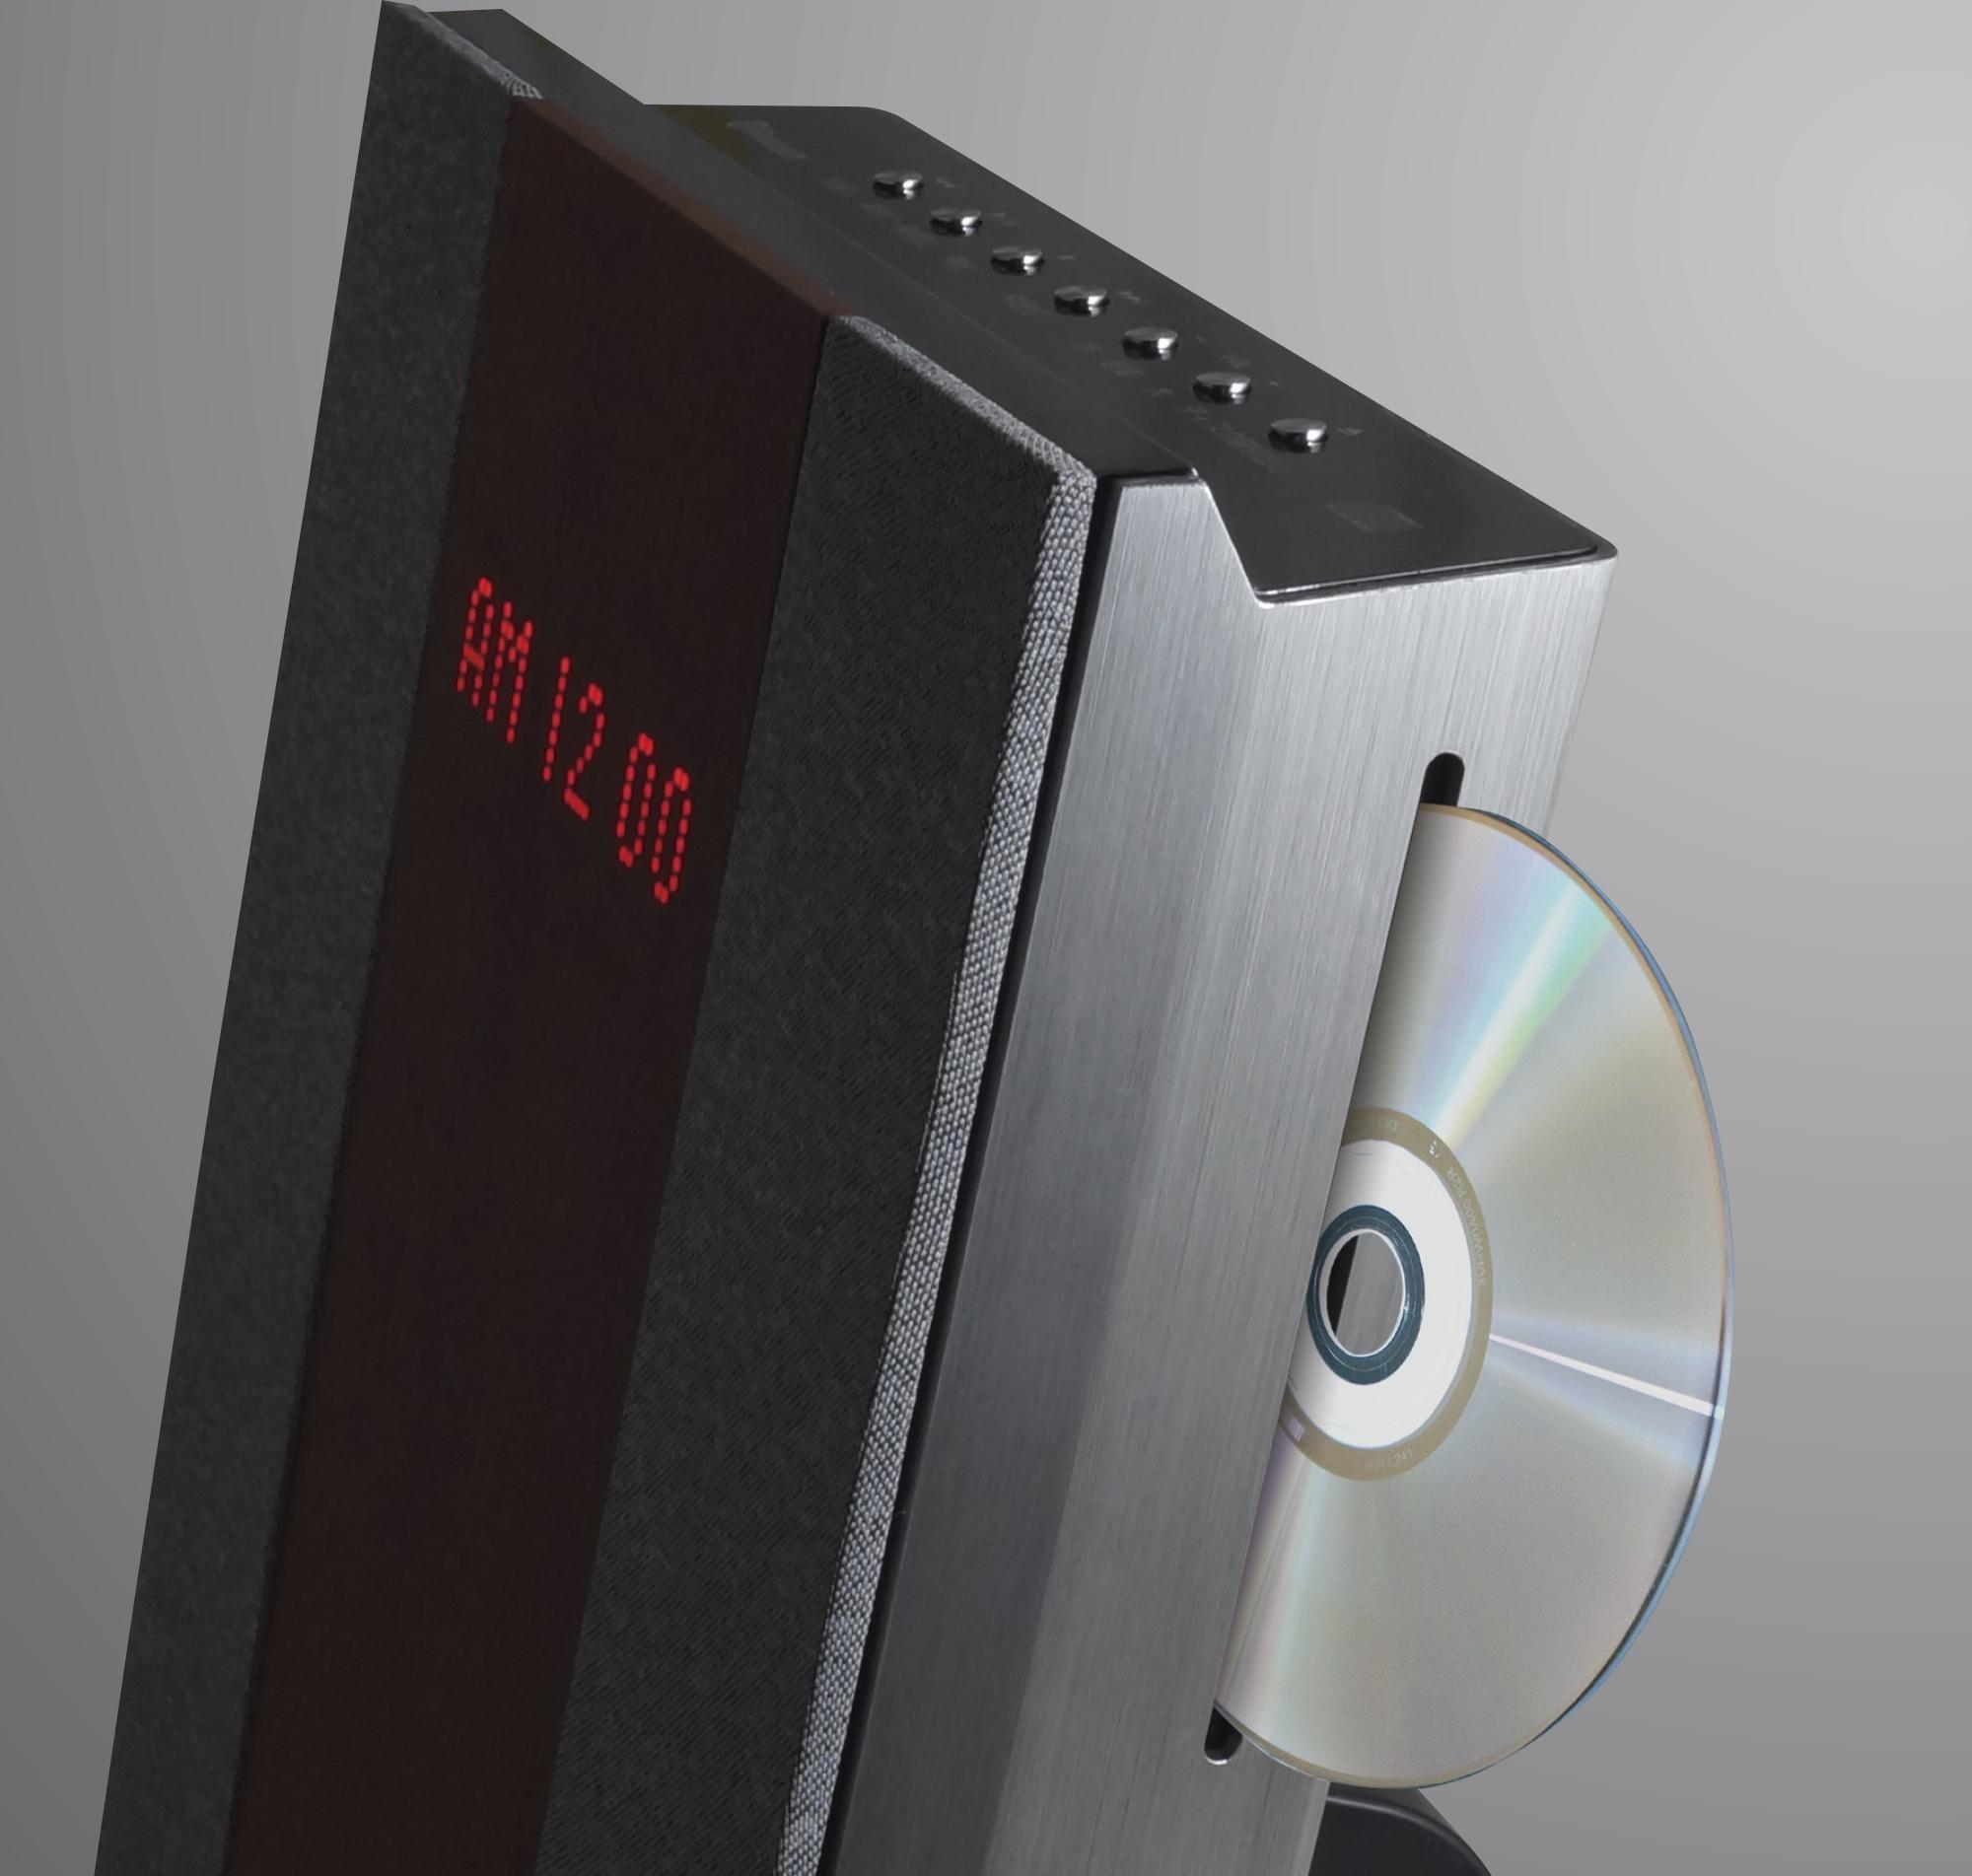 CDクロックラジオシステム